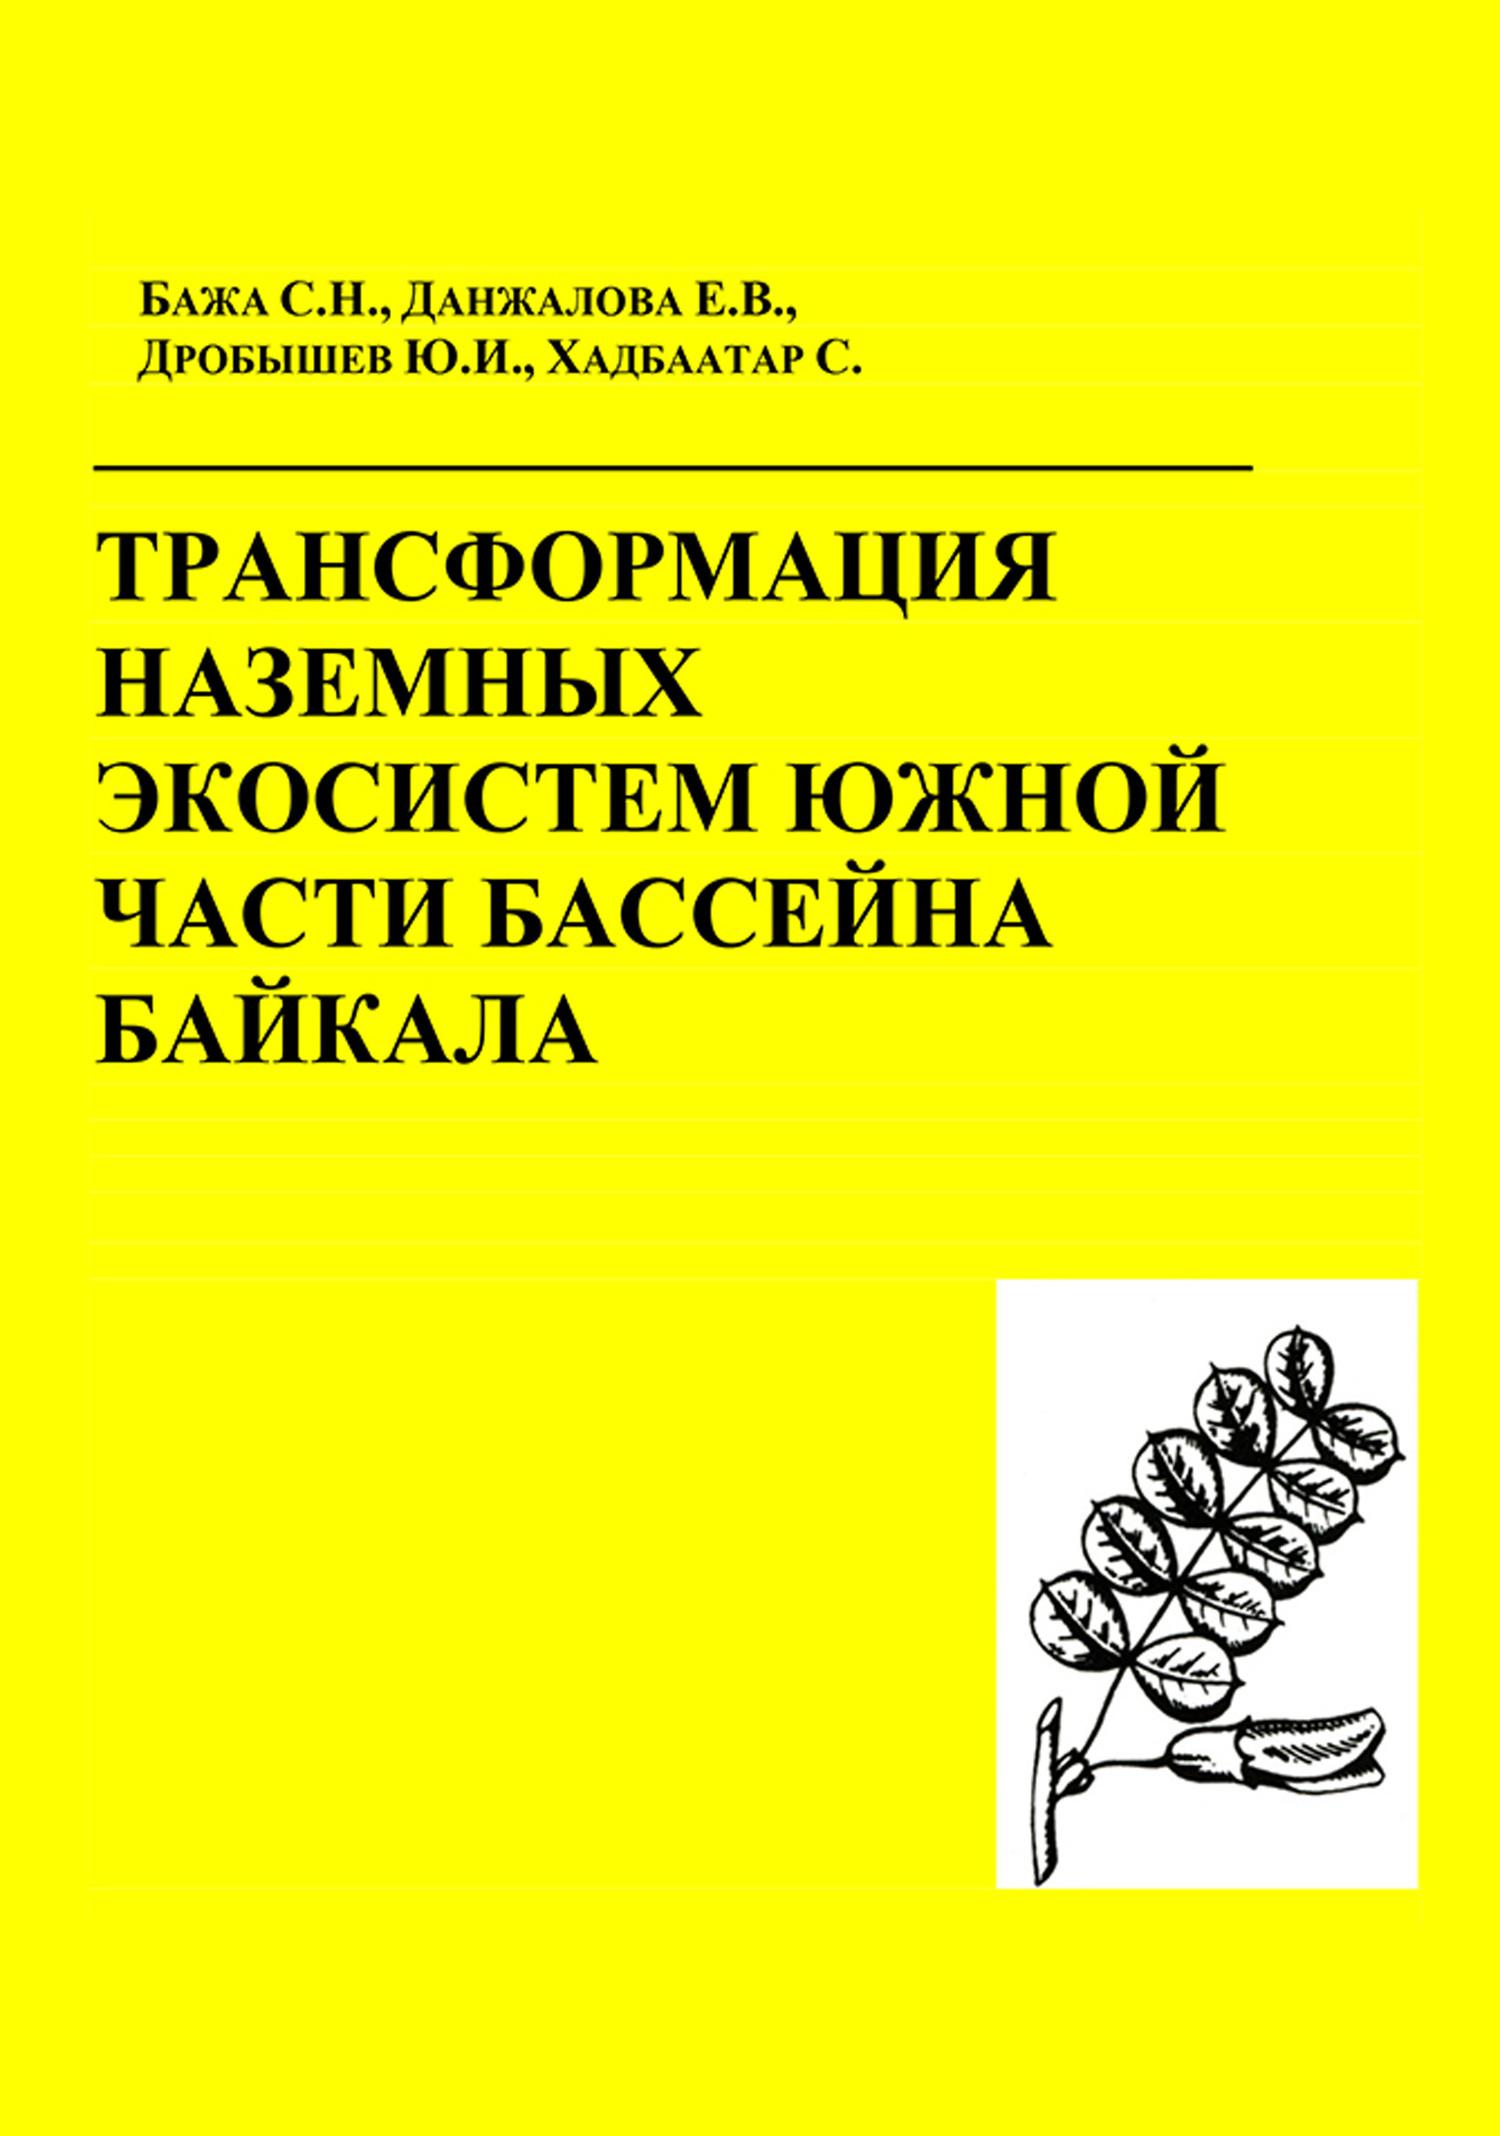 С. Н. Бажа Трансформация наземных экосистем южной части бассейна Байкала влияние нефти на наземные экосистемы от деградации к восстановлению